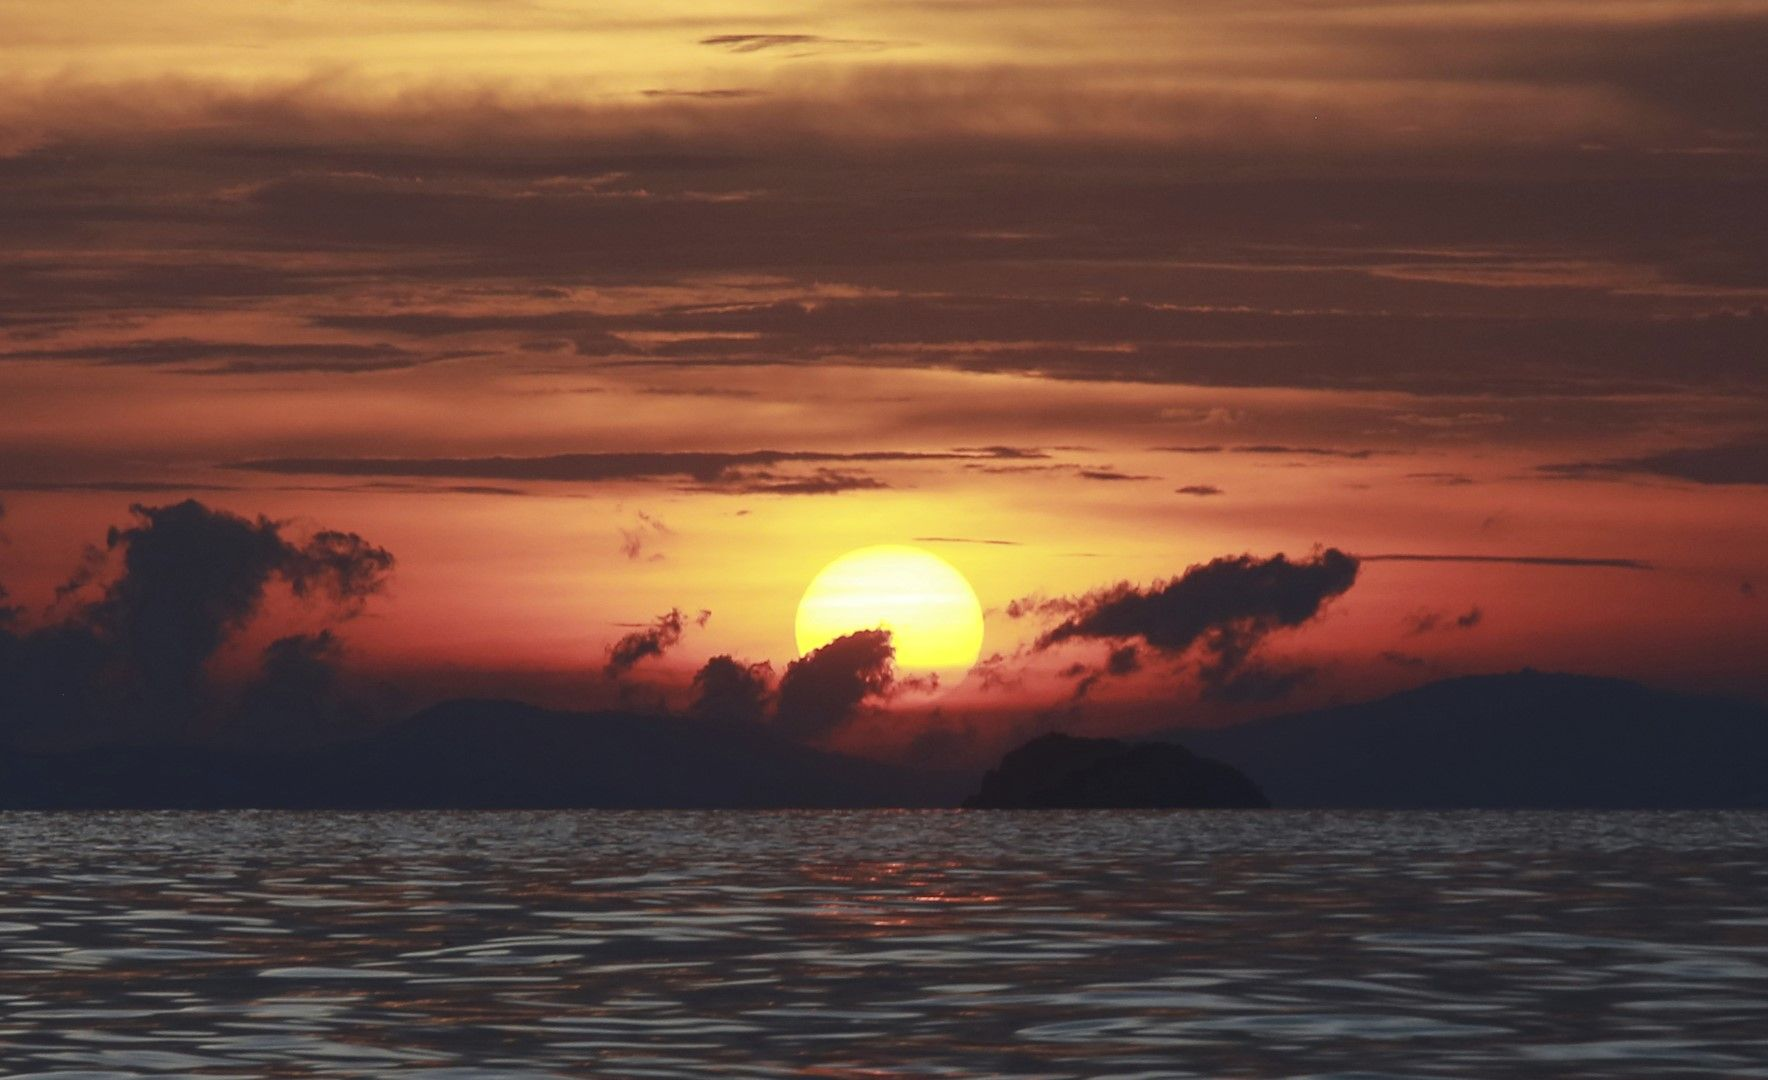 Мая Бей в Тайланд - един от най-красивите морски заливи